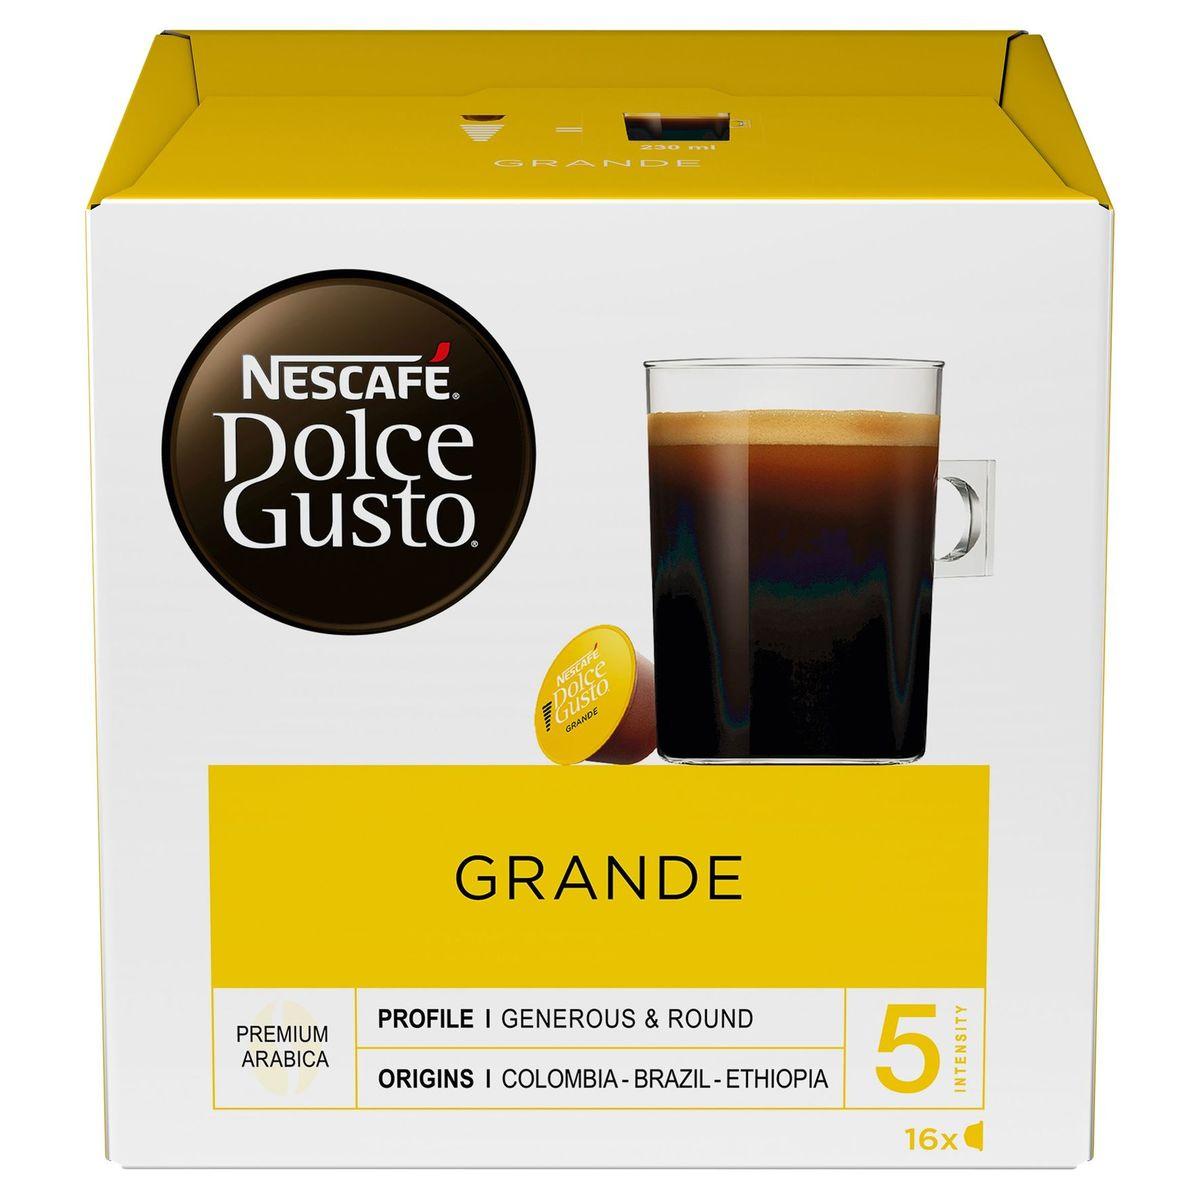 Nescafé Dolce Gusto Grande 16 Capsules 128 g